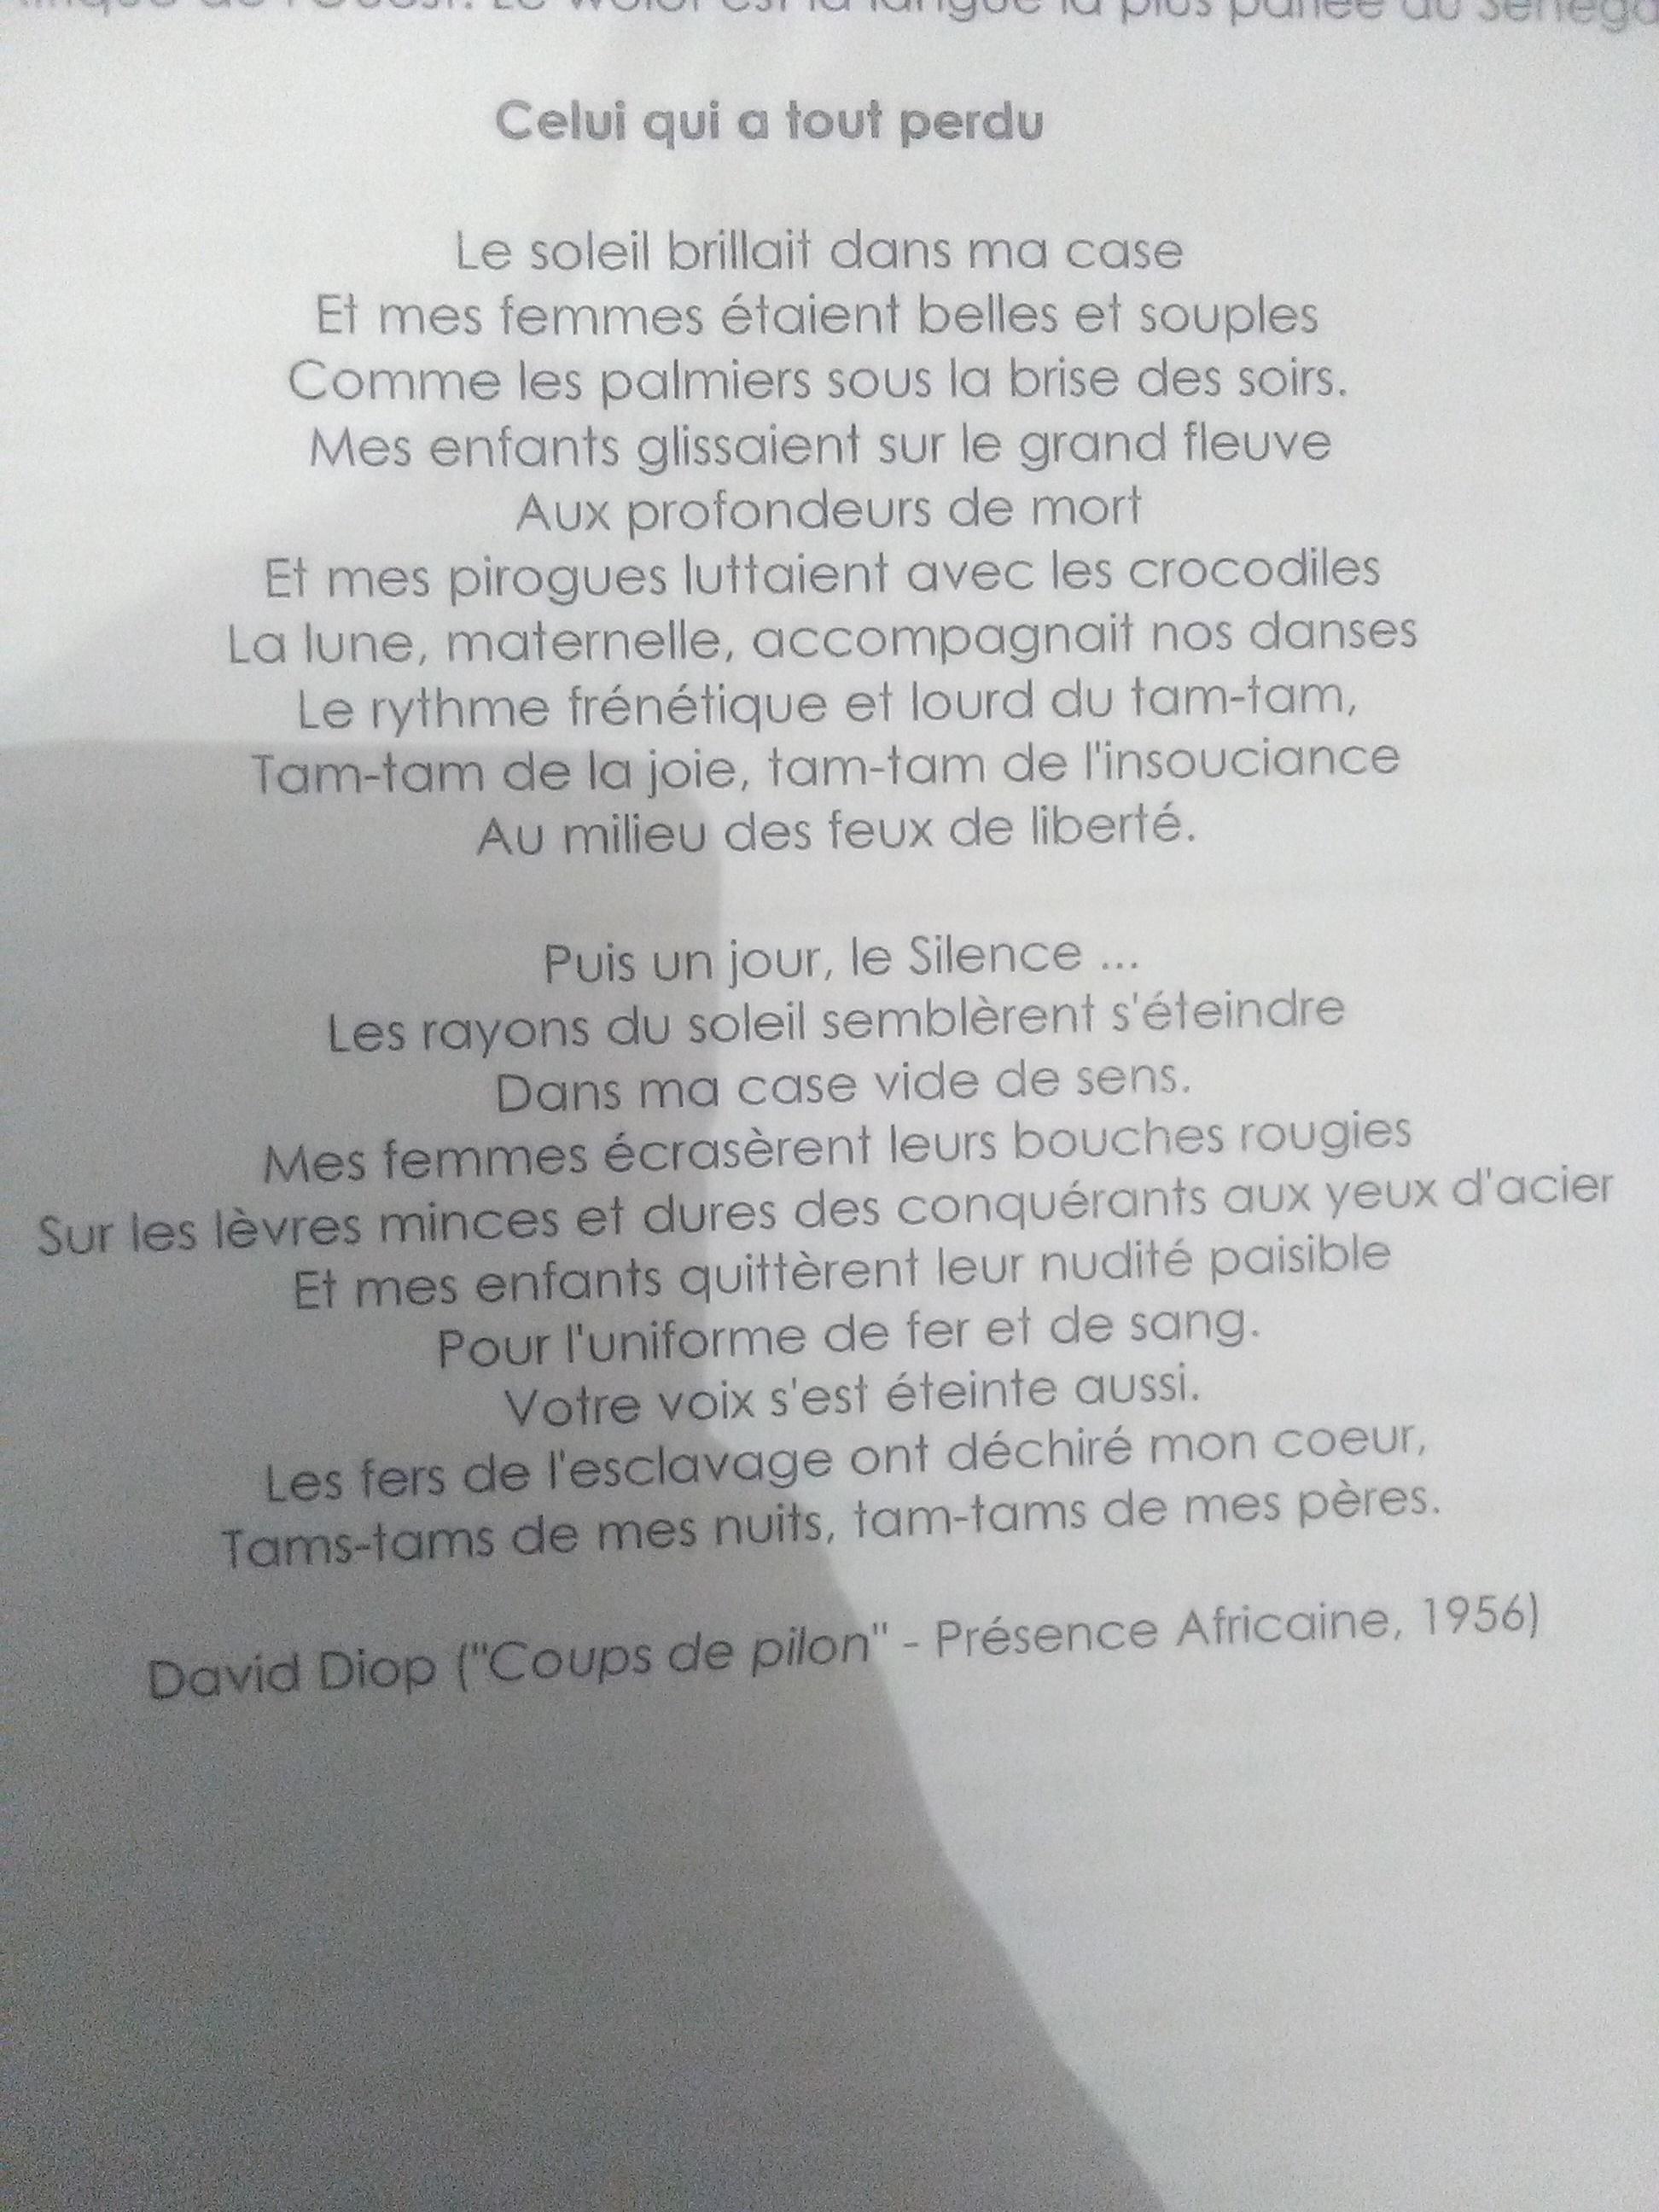 DIOP PILON DAVID TÉLÉCHARGER DE COUP DE